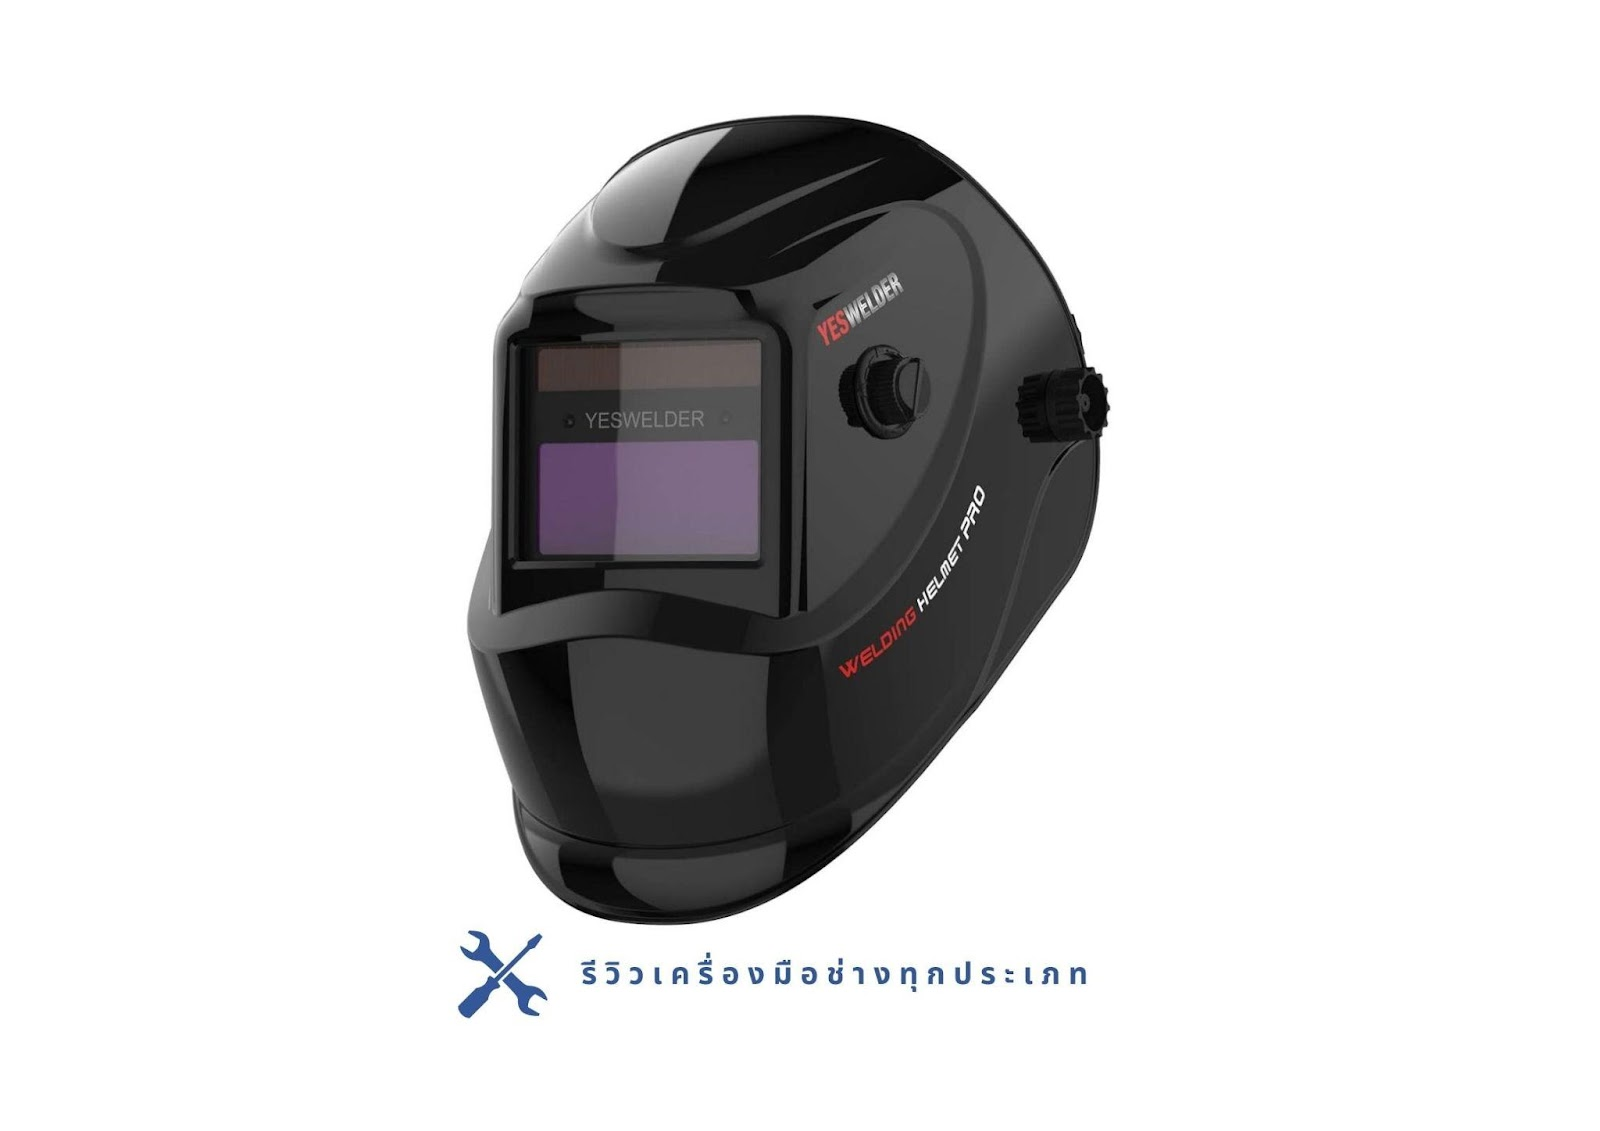 9. YESWELDER Auto-Darkening Welder's Helmet